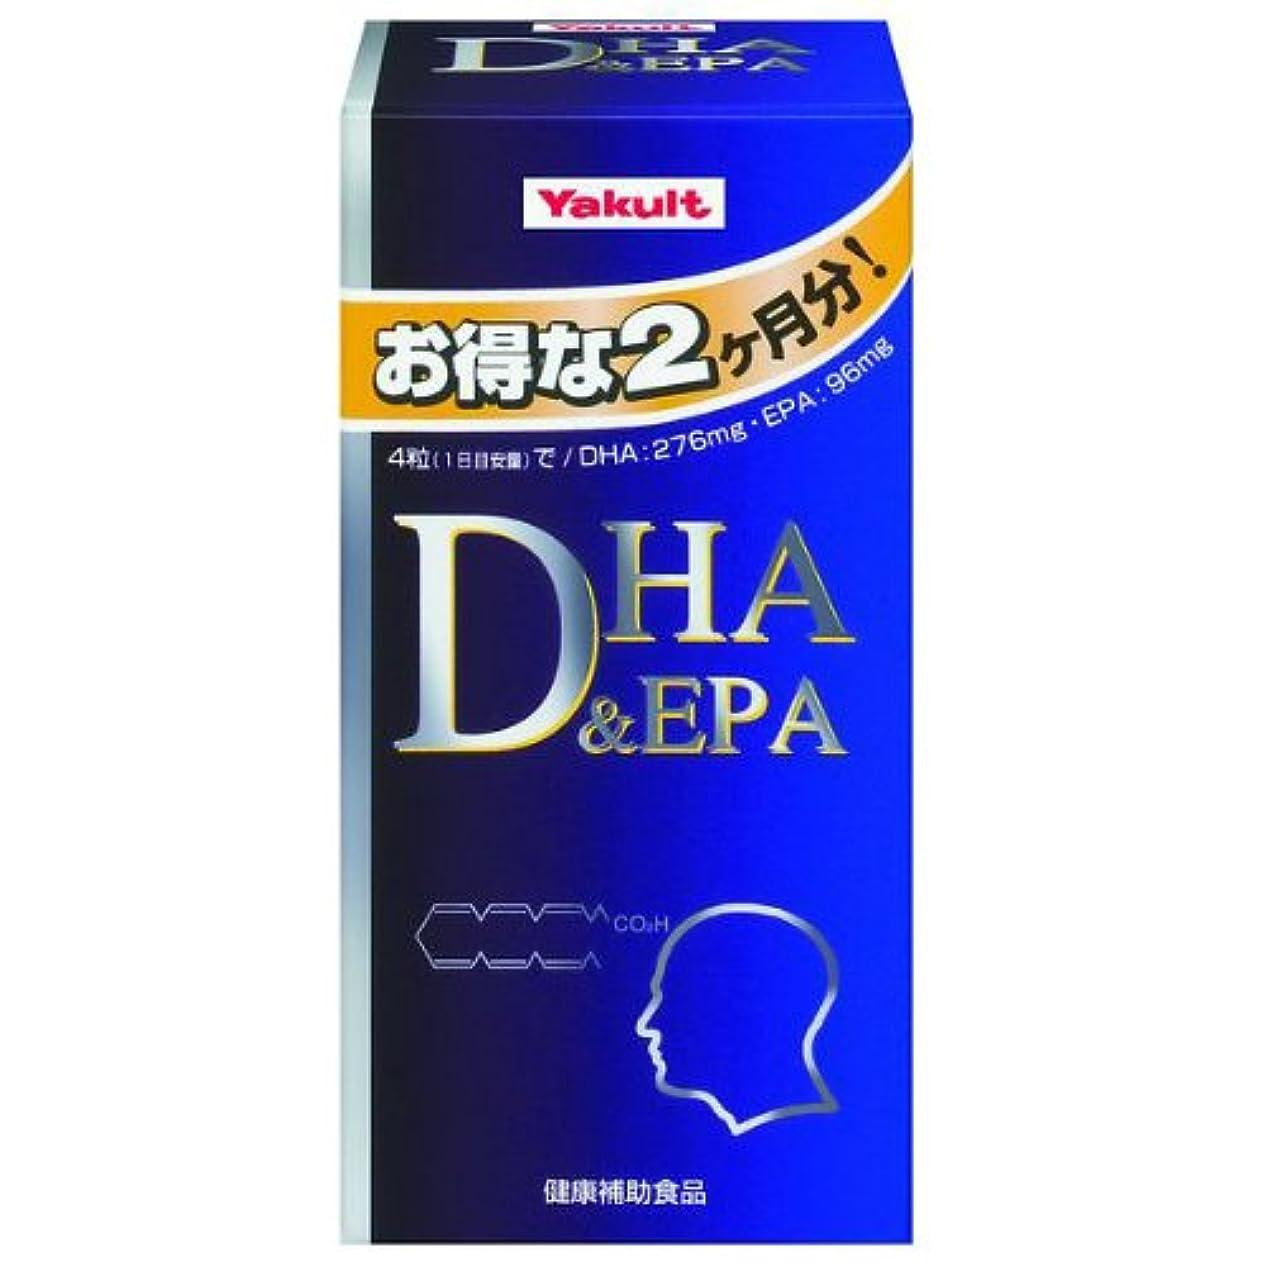 真面目な定規なるDHA&EPA 240粒